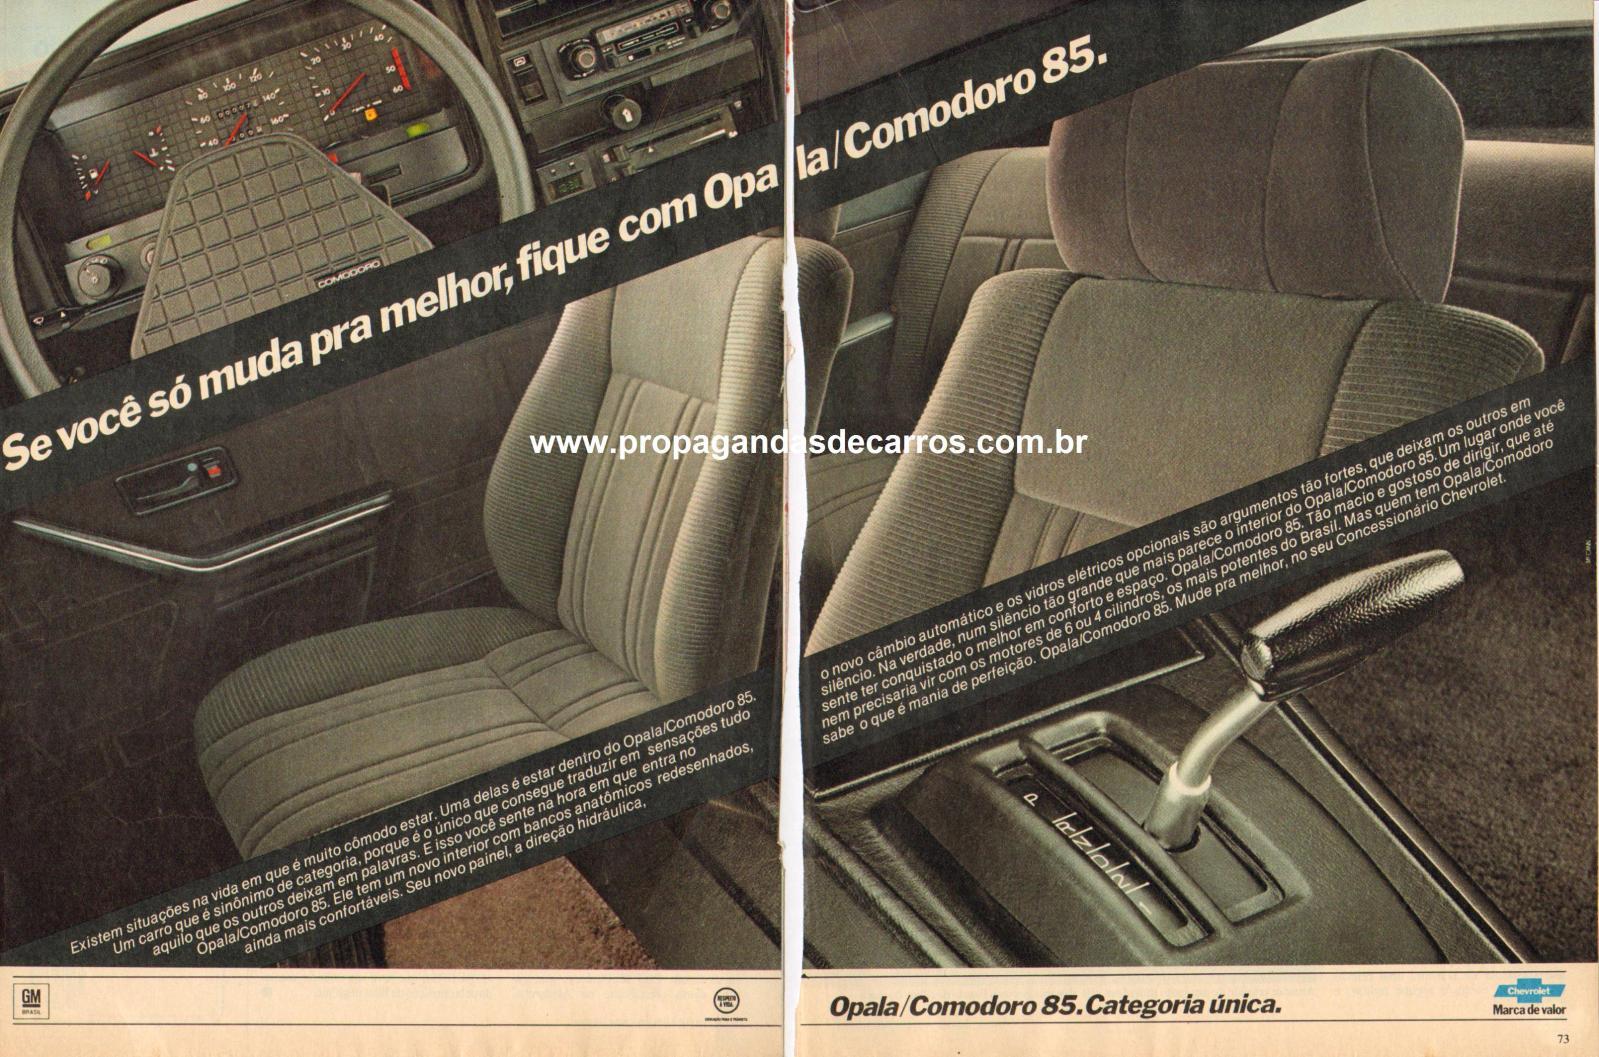 Propaganda Comodoro 1986 - Alguém tem? 2yud2l3